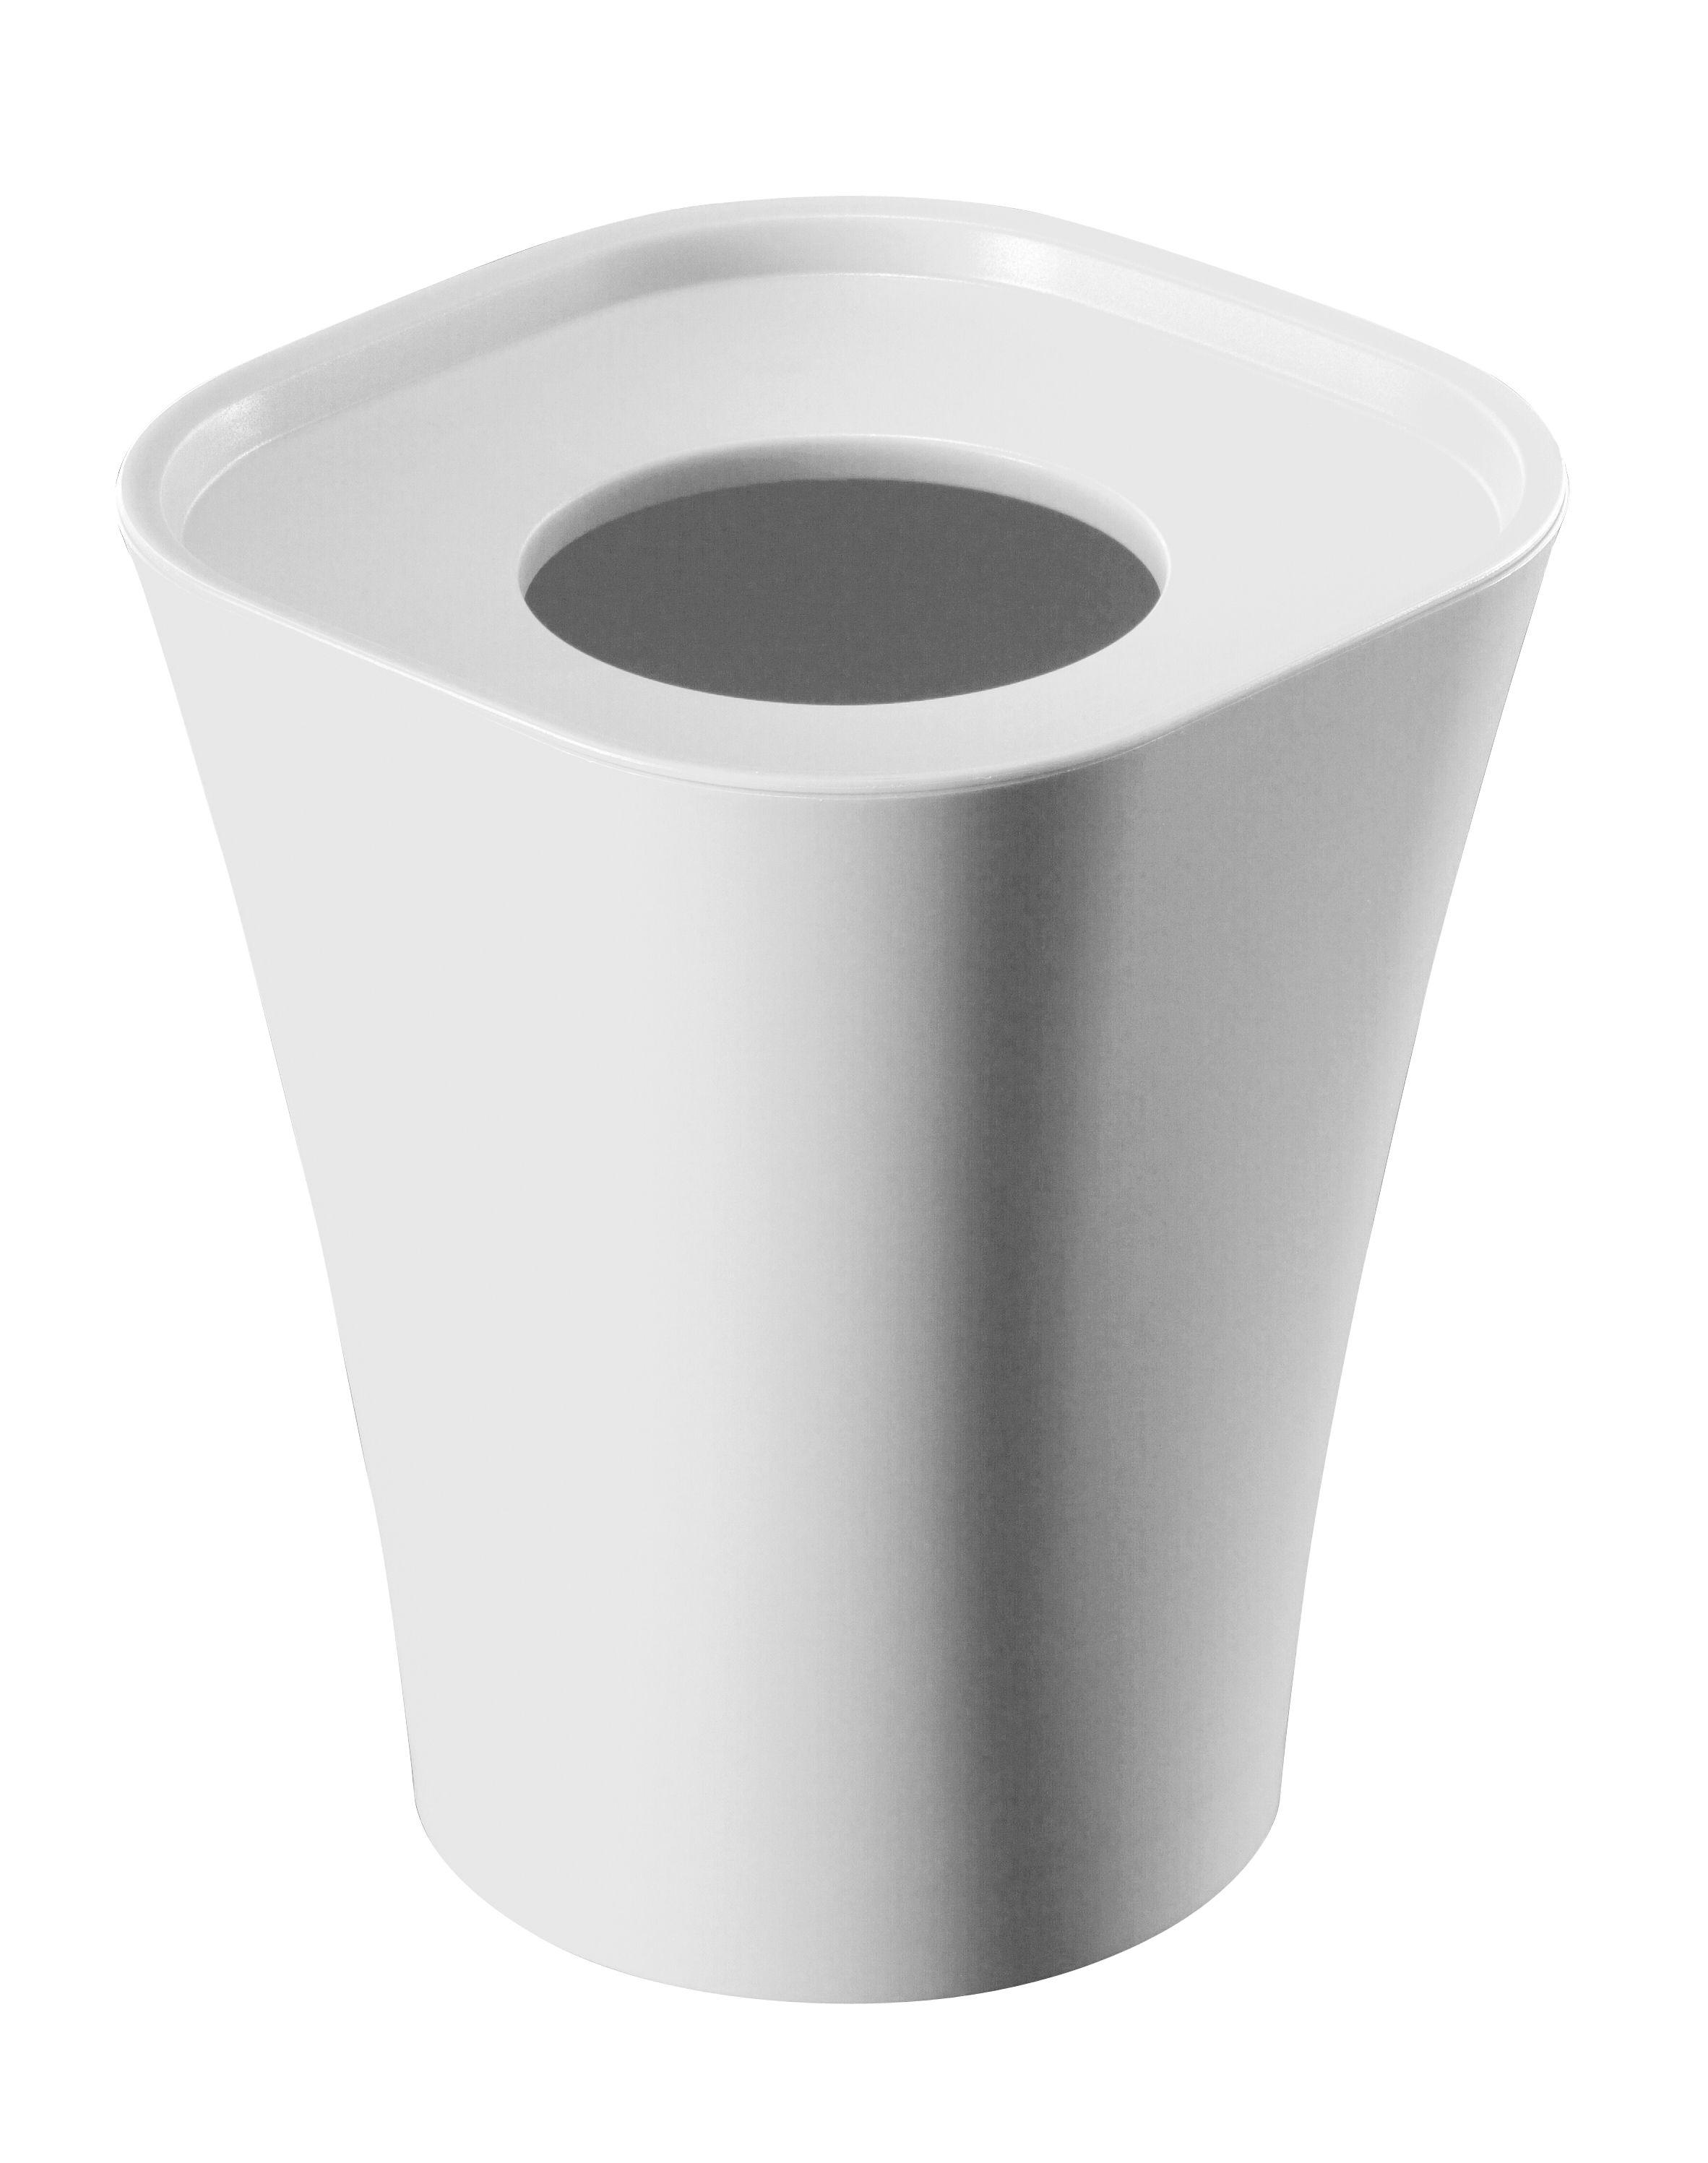 Dekoration - Badezimmer - Trash Mülleimer H 36 cm - Magis - Weiß - Polypropylen